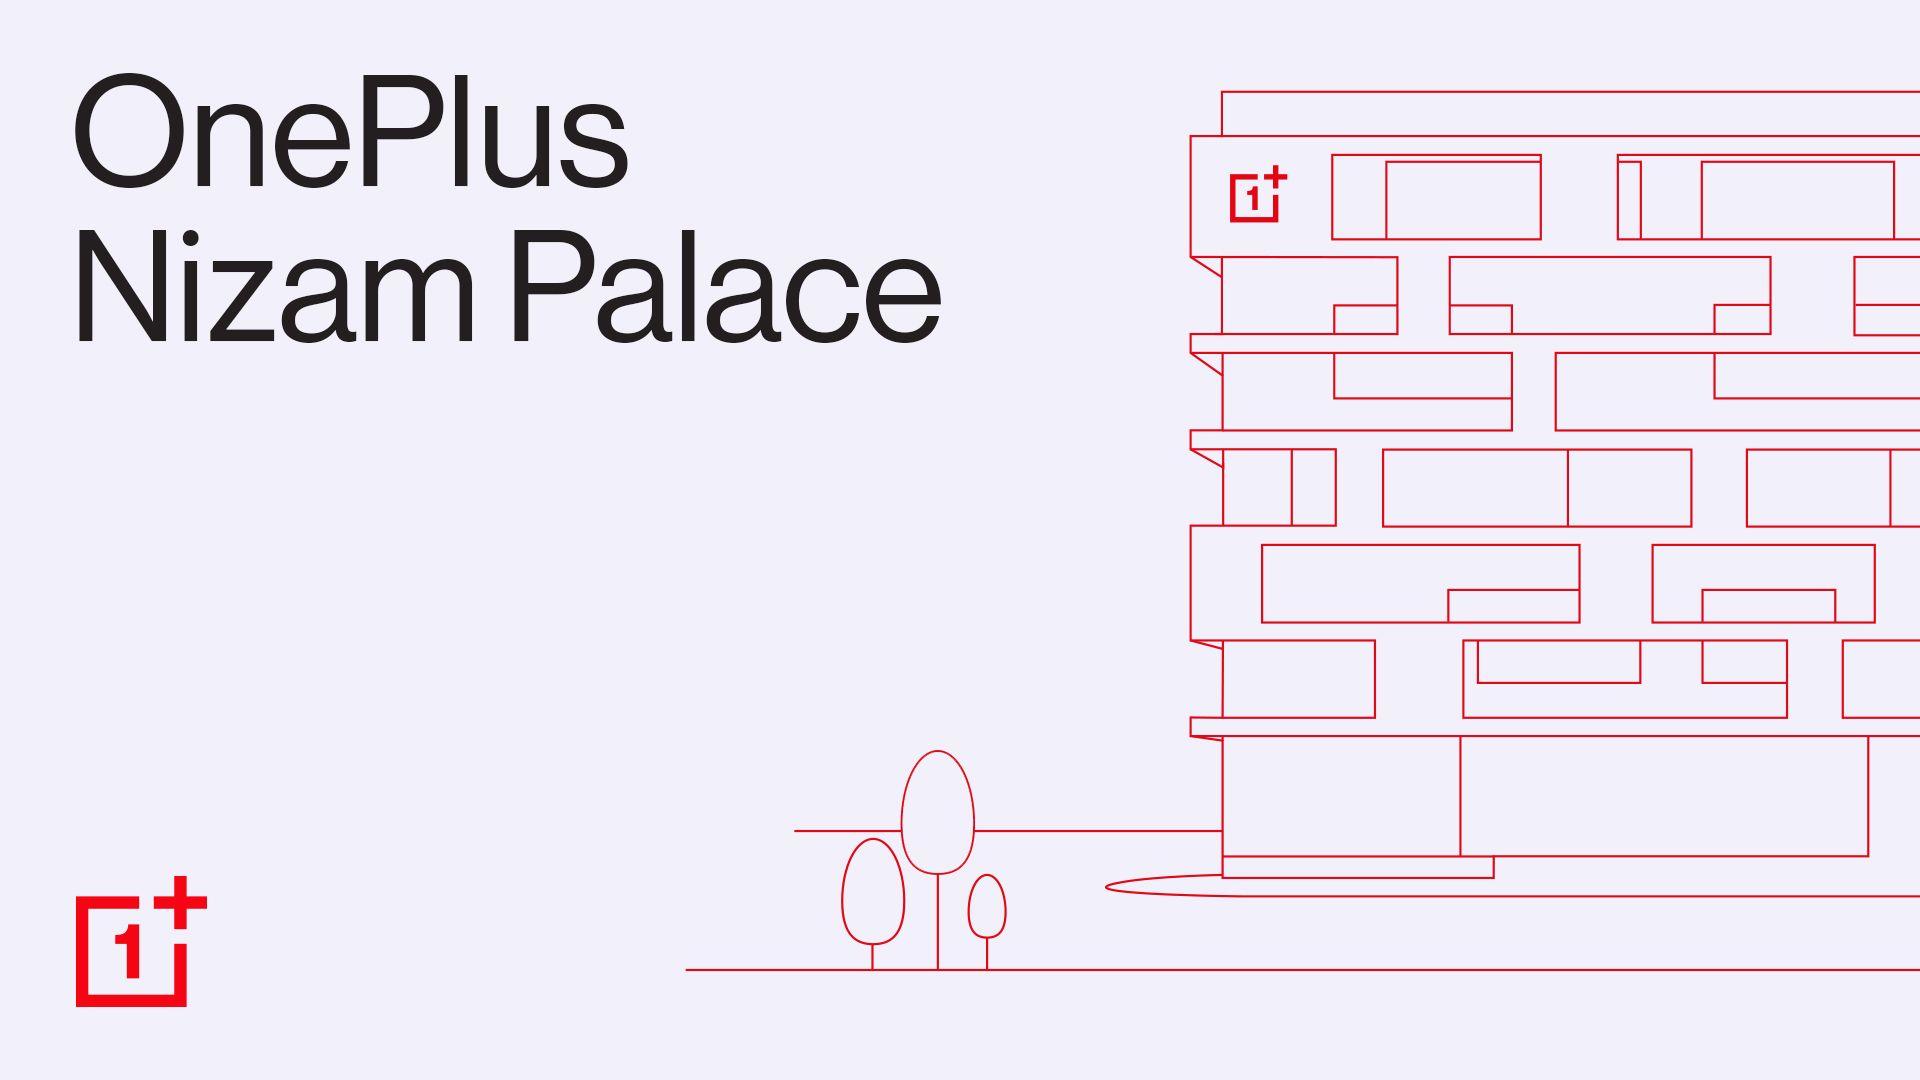 OnePlus Nizam Palace